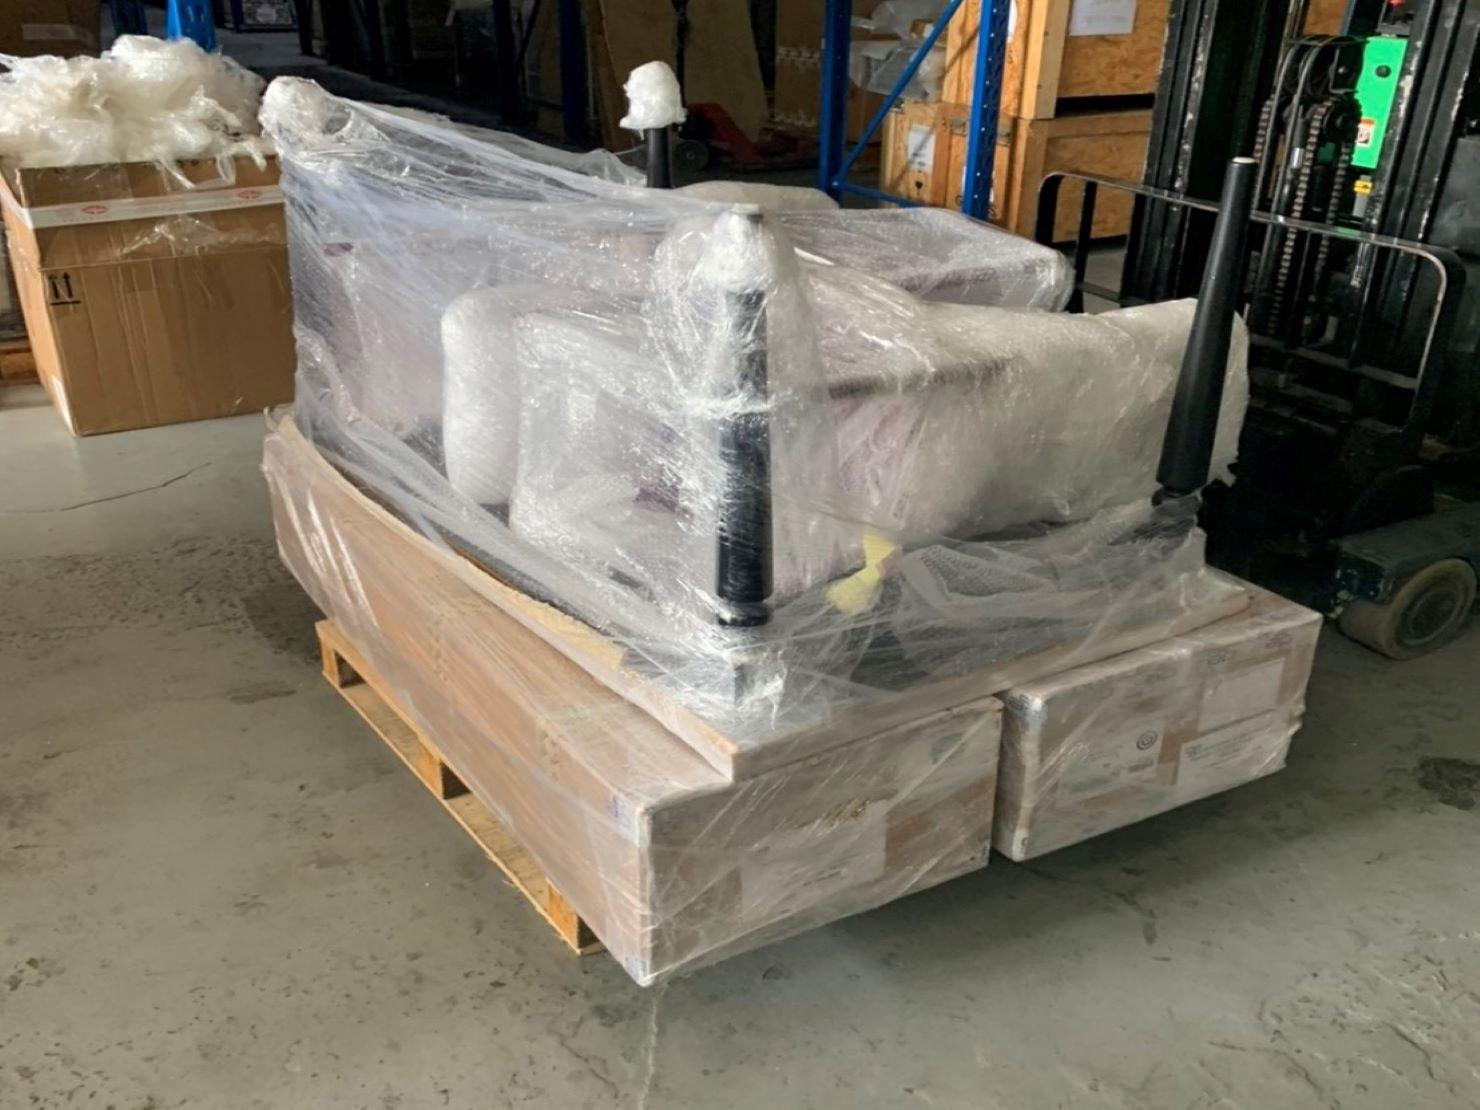 台北搬家公司推薦【榮福搬家】值得您來選擇:長桌、裝箱物:完整包裝後送回客戶方倉庫擺放歸位。